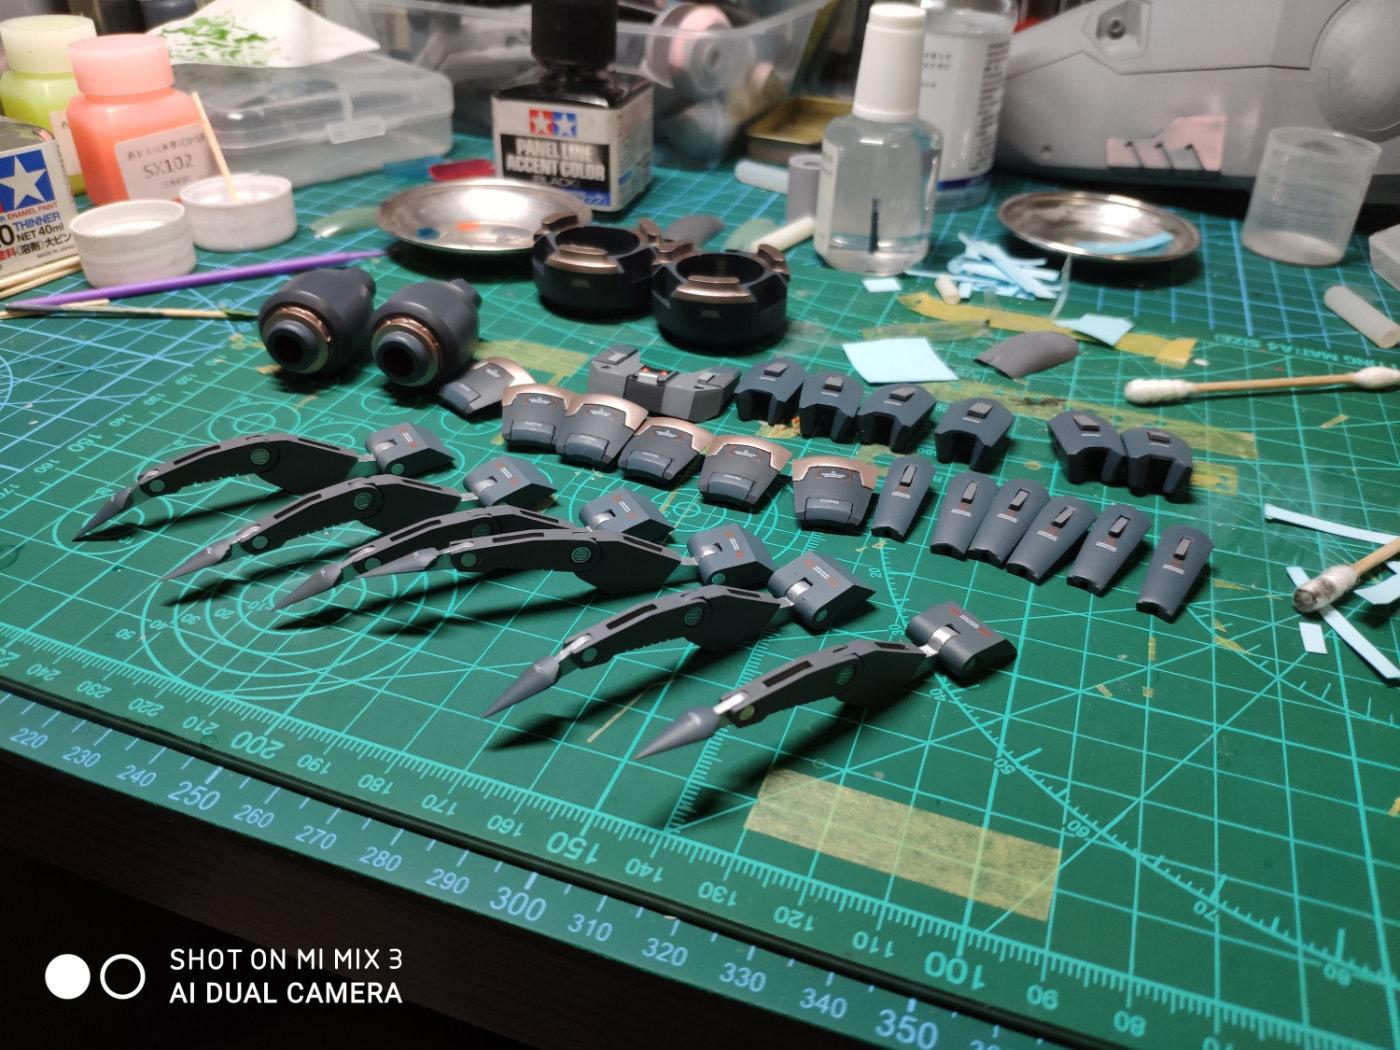 G330_AMX_002_Neue_Ziel_p_089.jpg